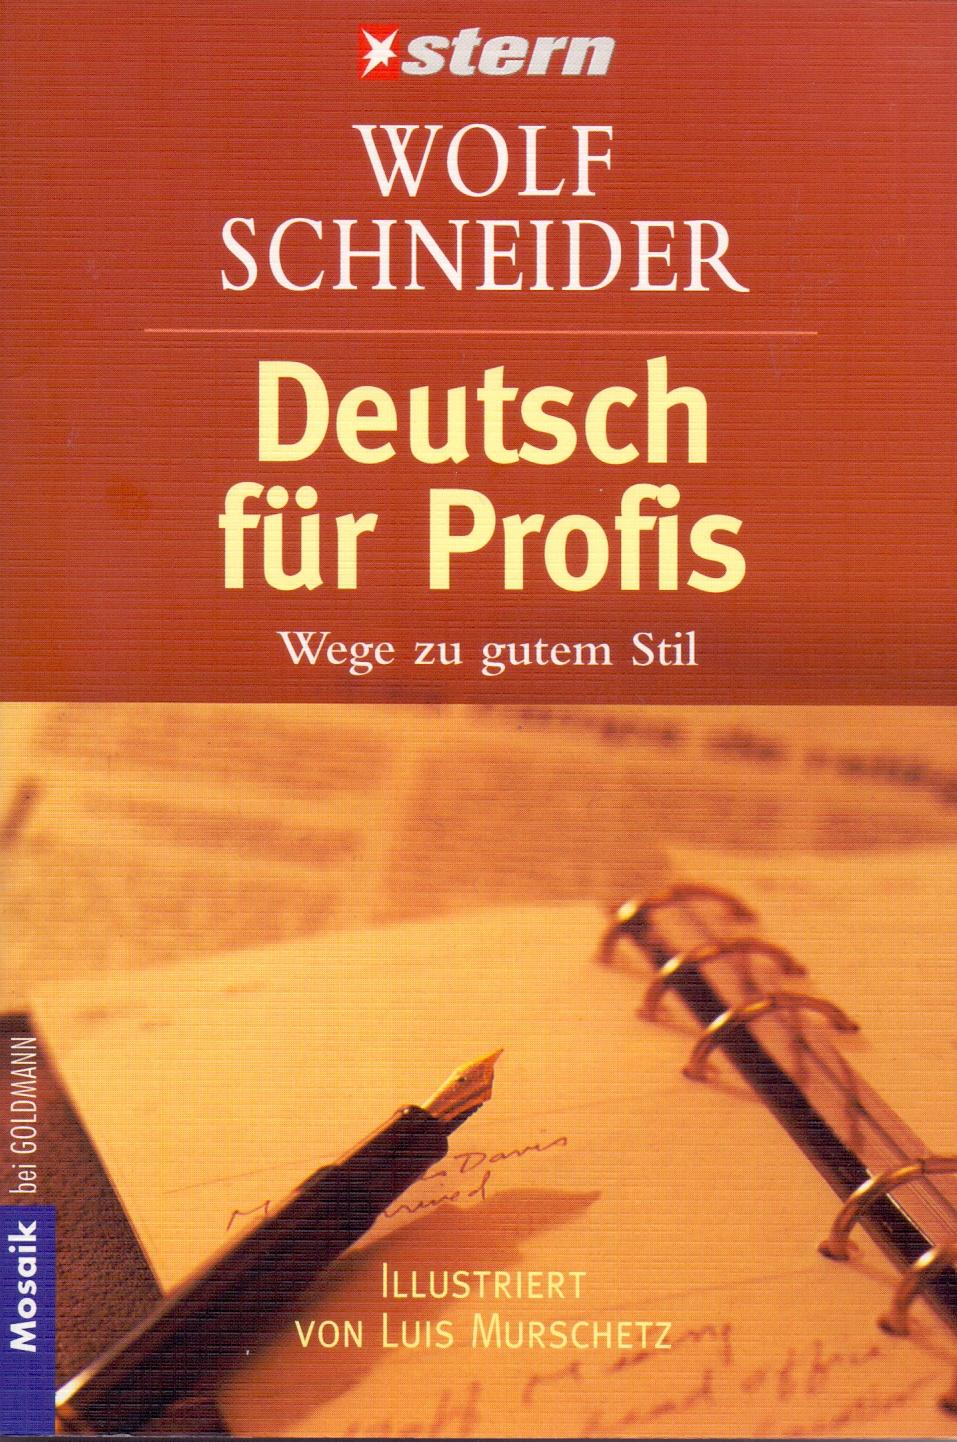 Deutsch für Profis: Wege zu gutem Stil - Illustriert von Luis Murschetz - Wolf Schneider [Taschenbuch, 10. Auflage]